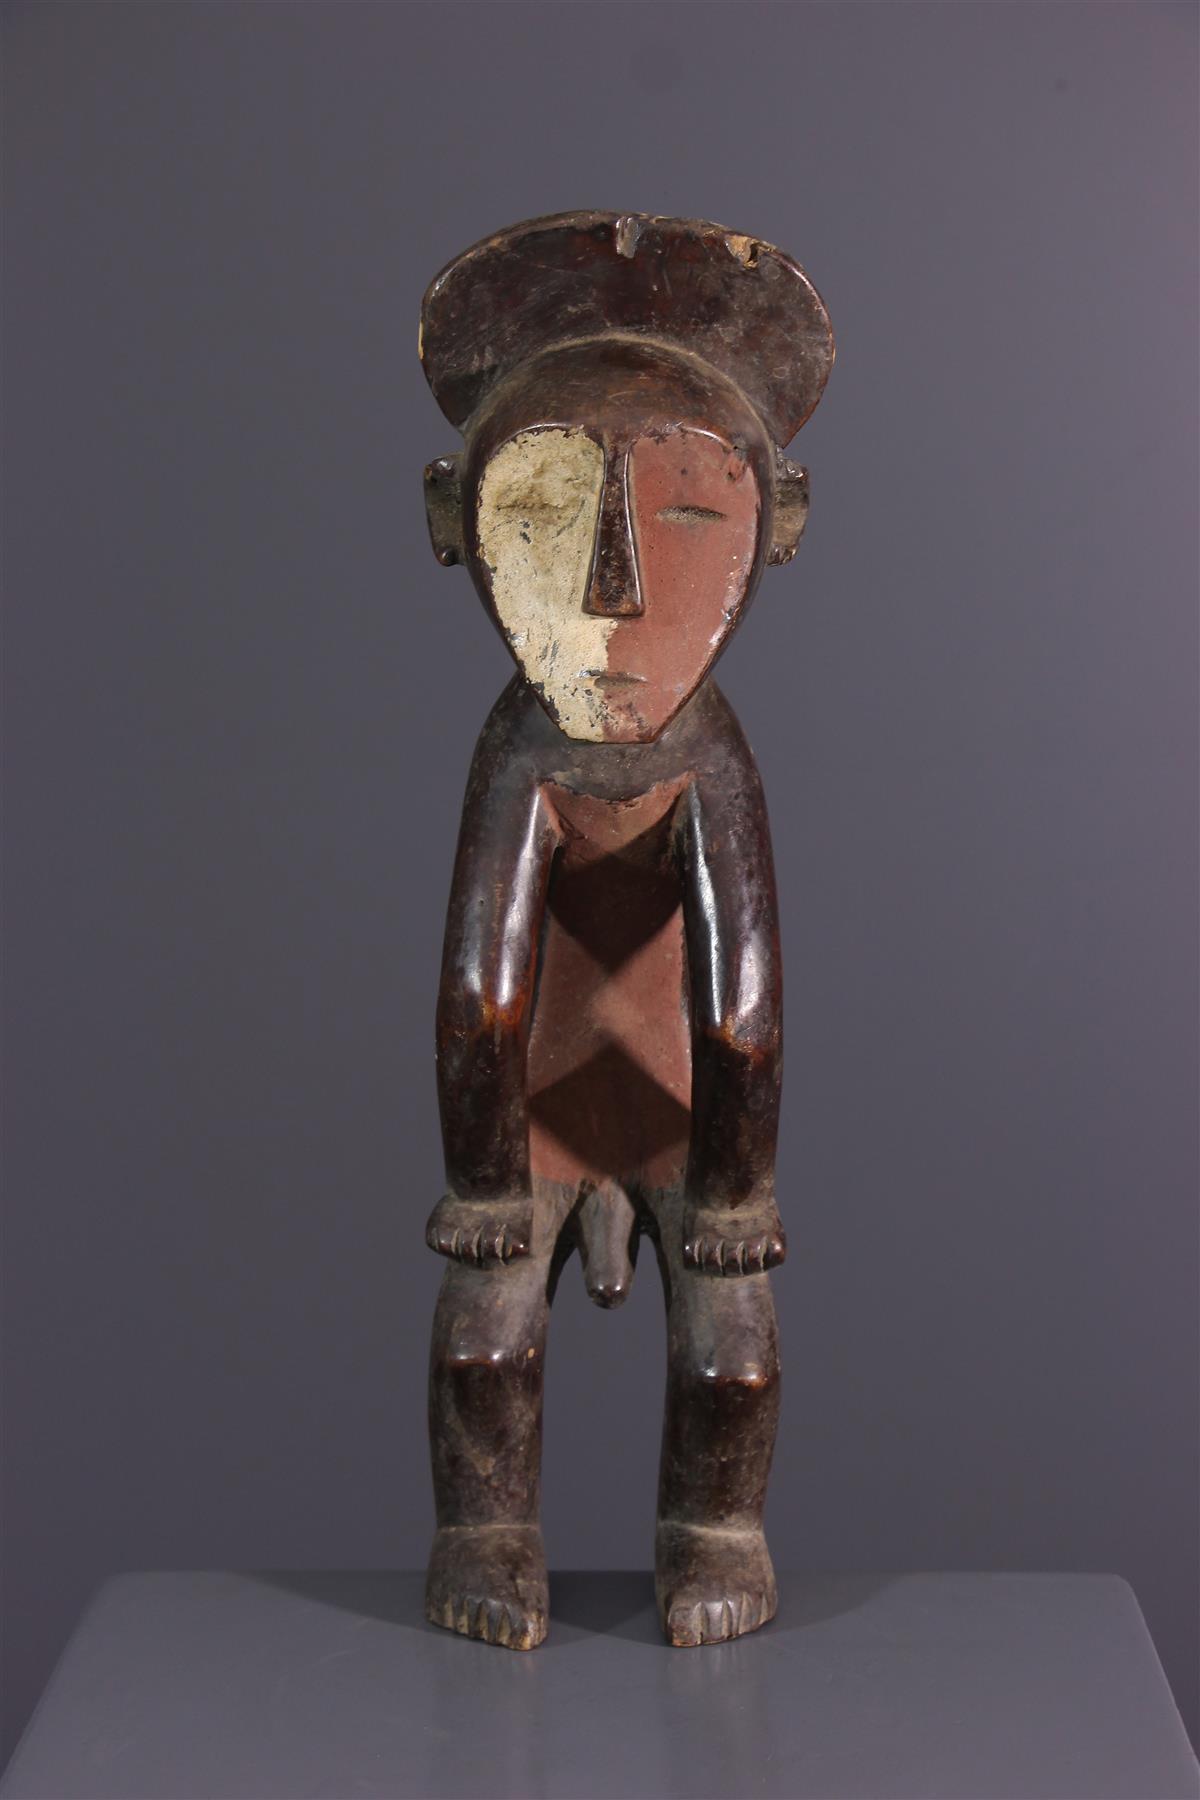 Statuette Mbole - African art